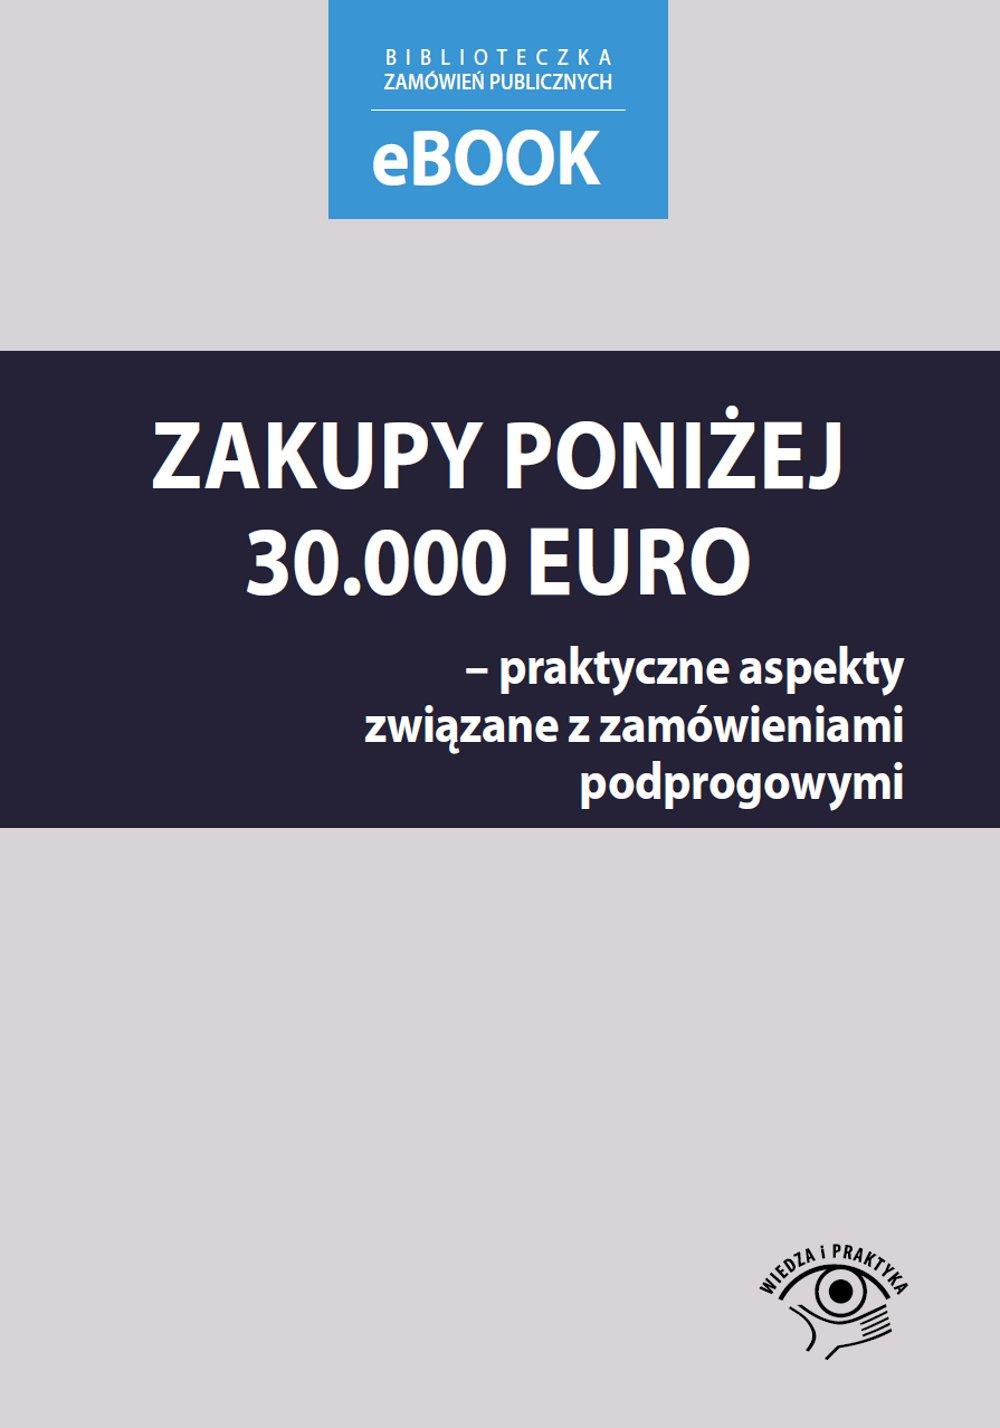 Zakupy poniżej 30 000 euro – praktyczne aspekty związane z zamówieniami podprogowymi - Ebook (Książka PDF) do pobrania w formacie PDF